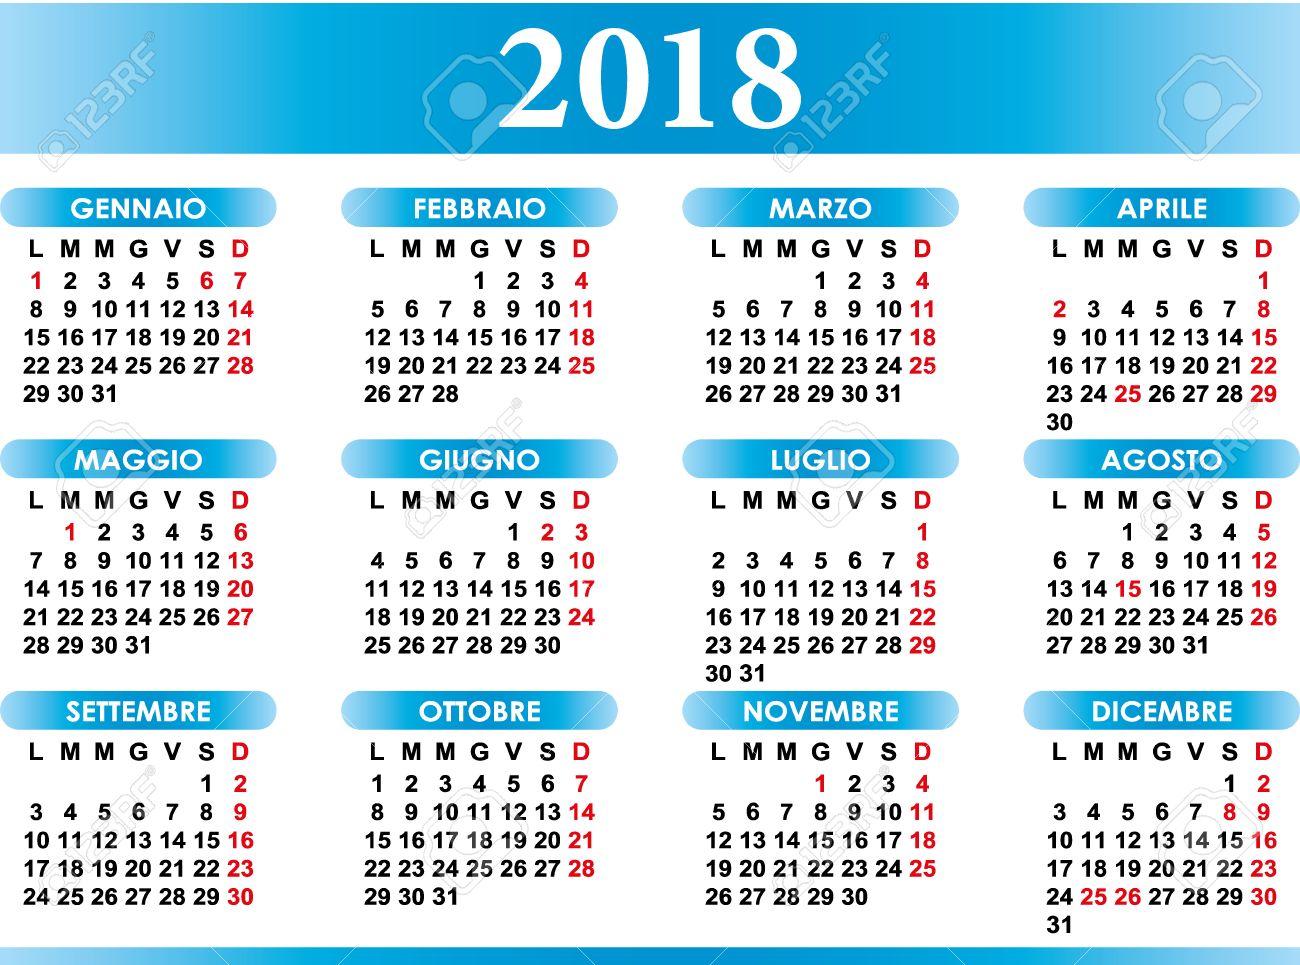 Calendario Con Festivita.Calendario Italiano 2018 Con Festivita